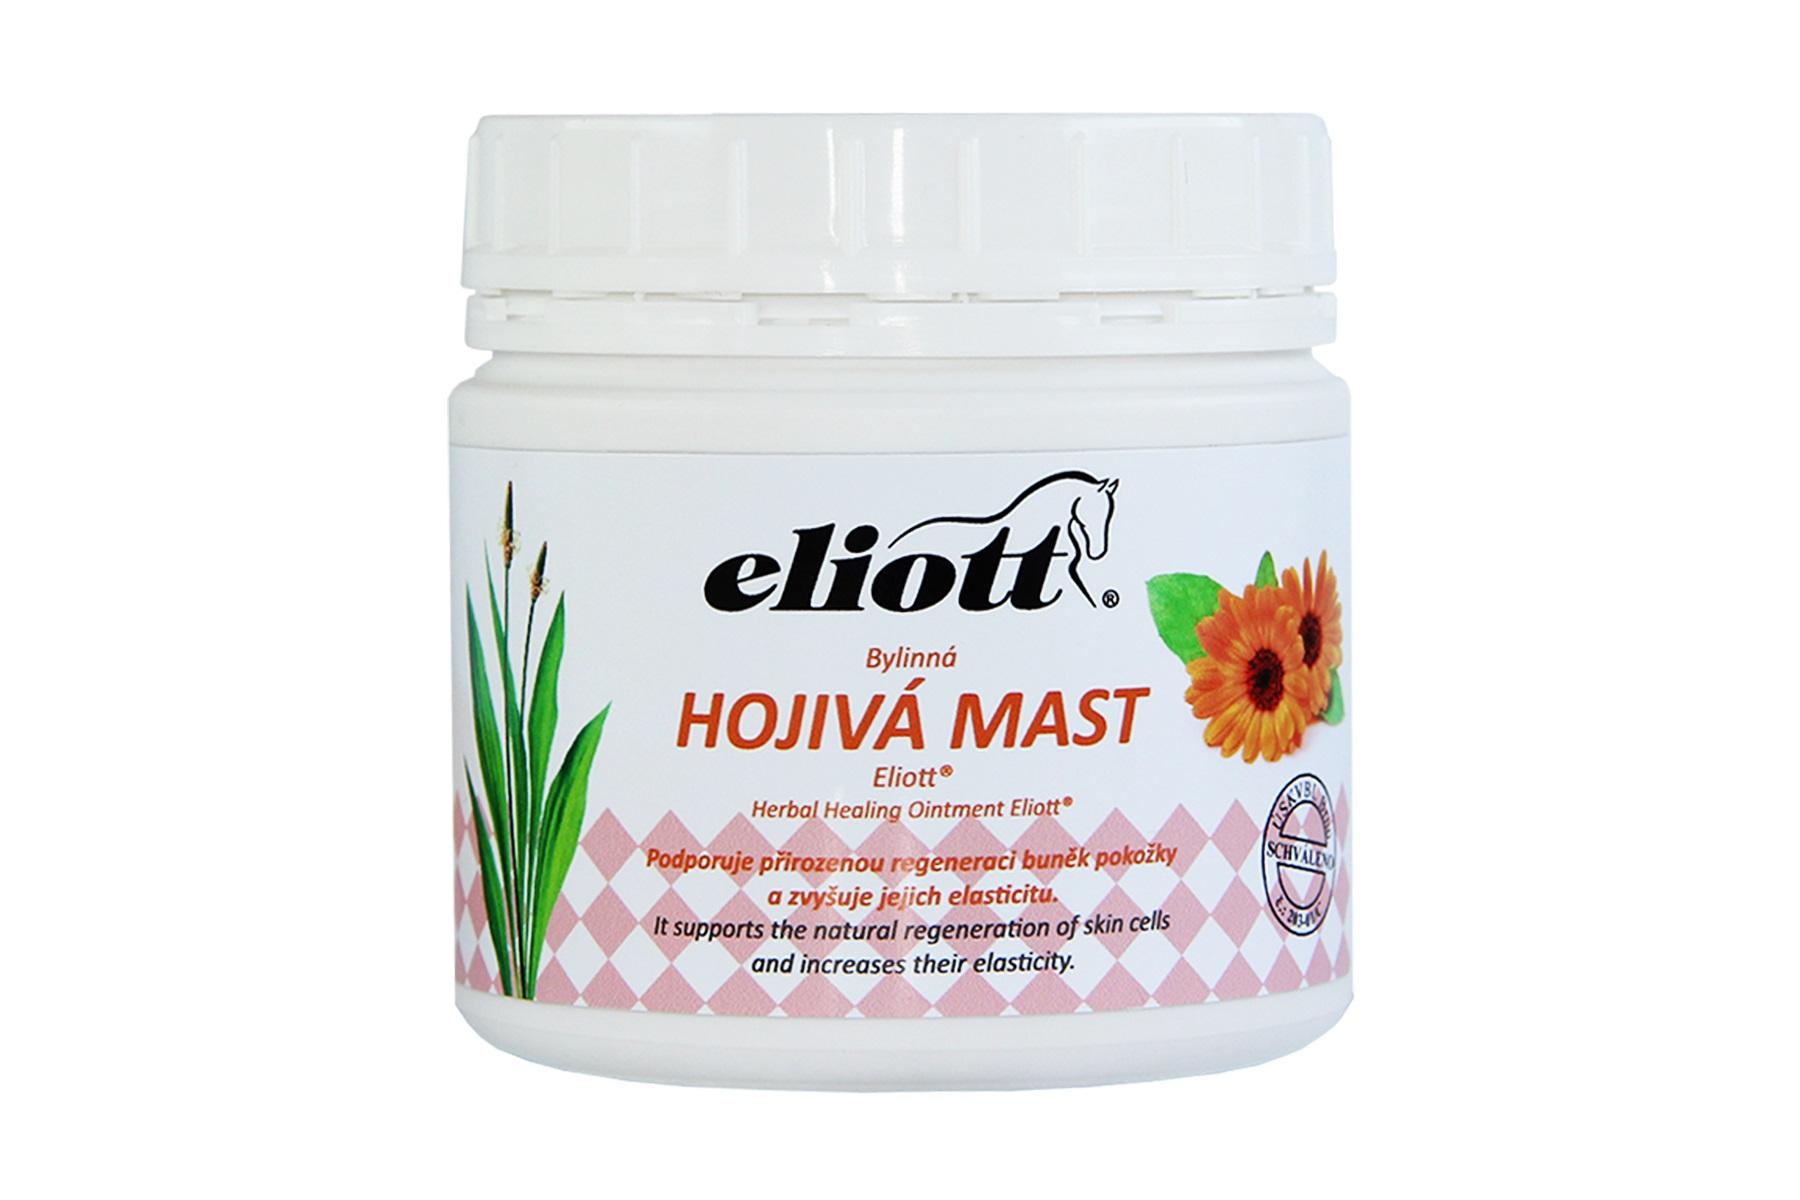 mast ELIOTT bylinná hojivá